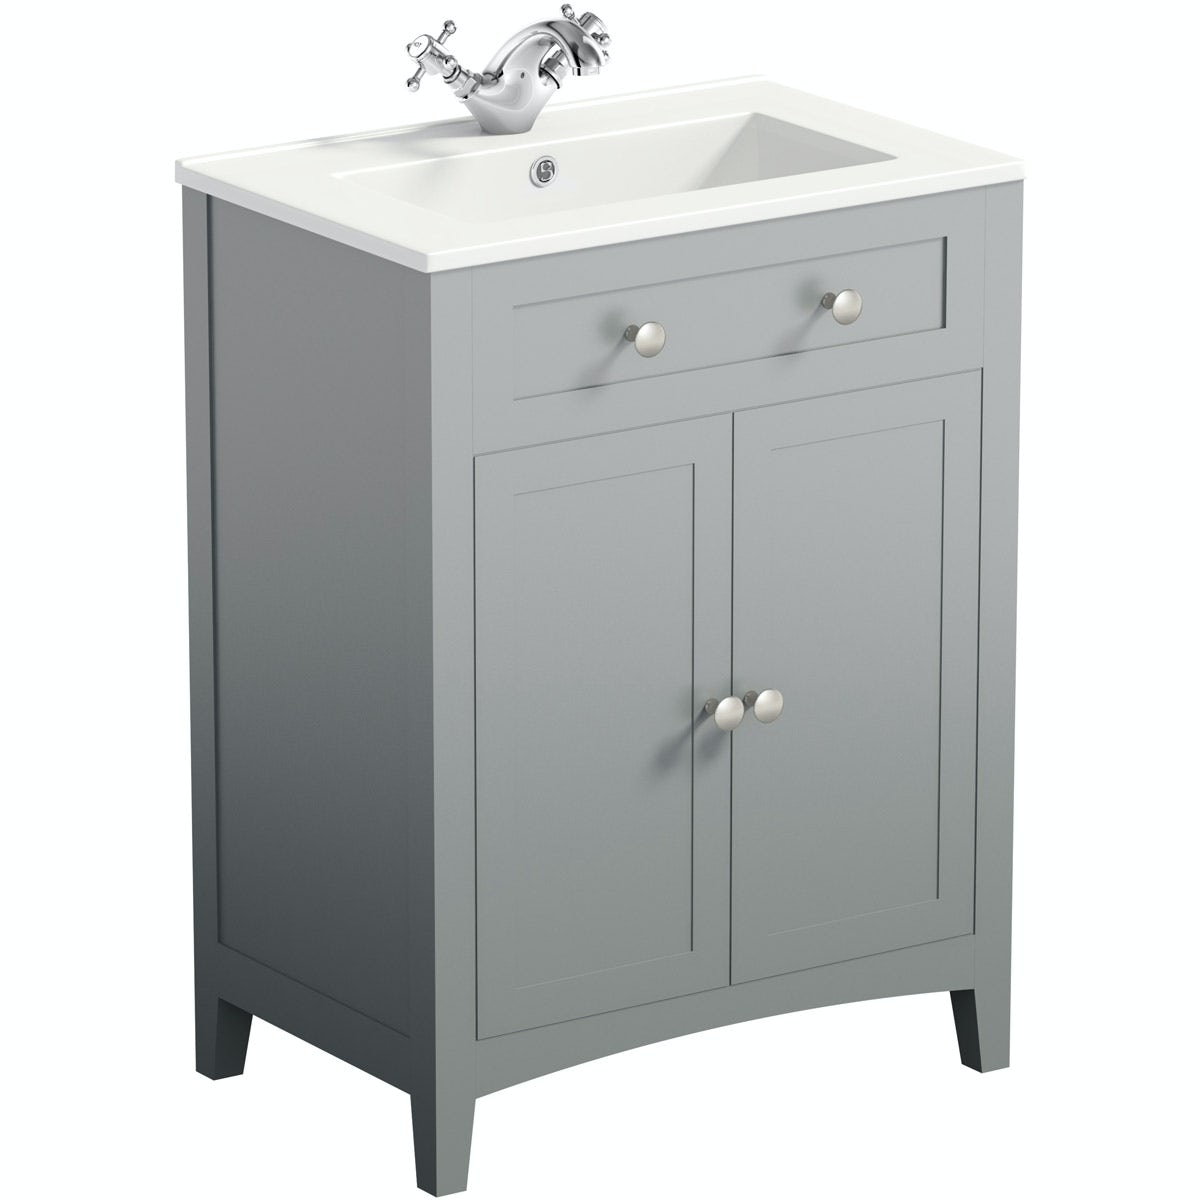 Bathroom Sinks Units vanity bathroom sink units. charming bathroom sinks with vanity